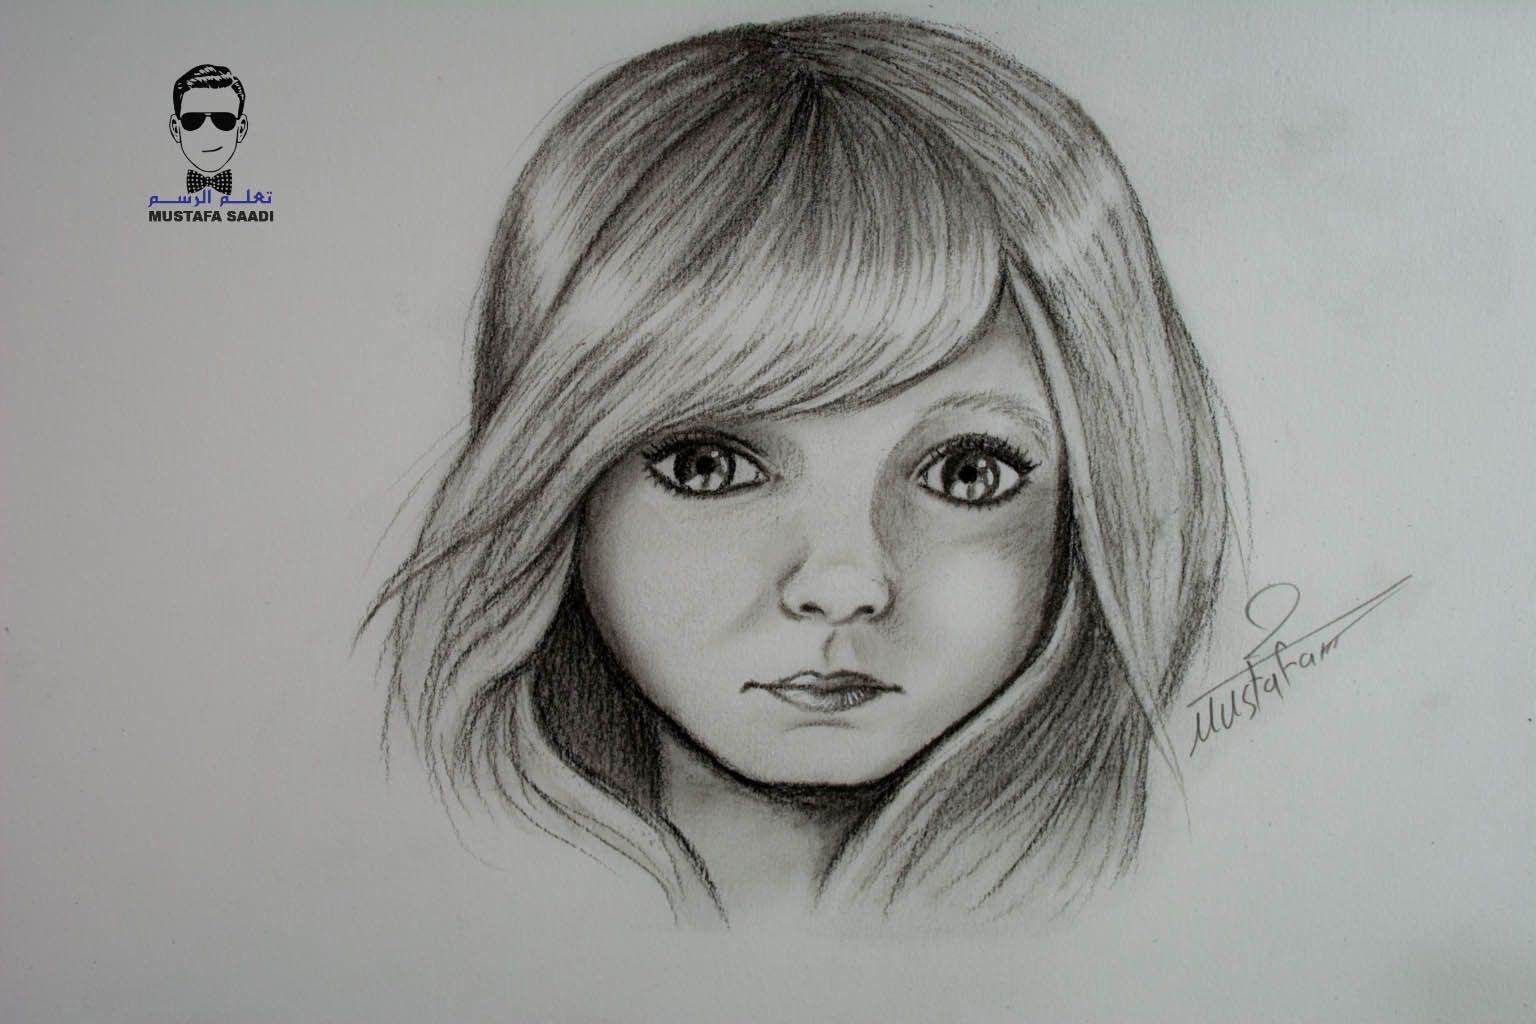 نتيجة بحث الصور عن رسومات شعر بنات بالرصاص Cartoon Girl Drawing Girl Cartoon Drawings